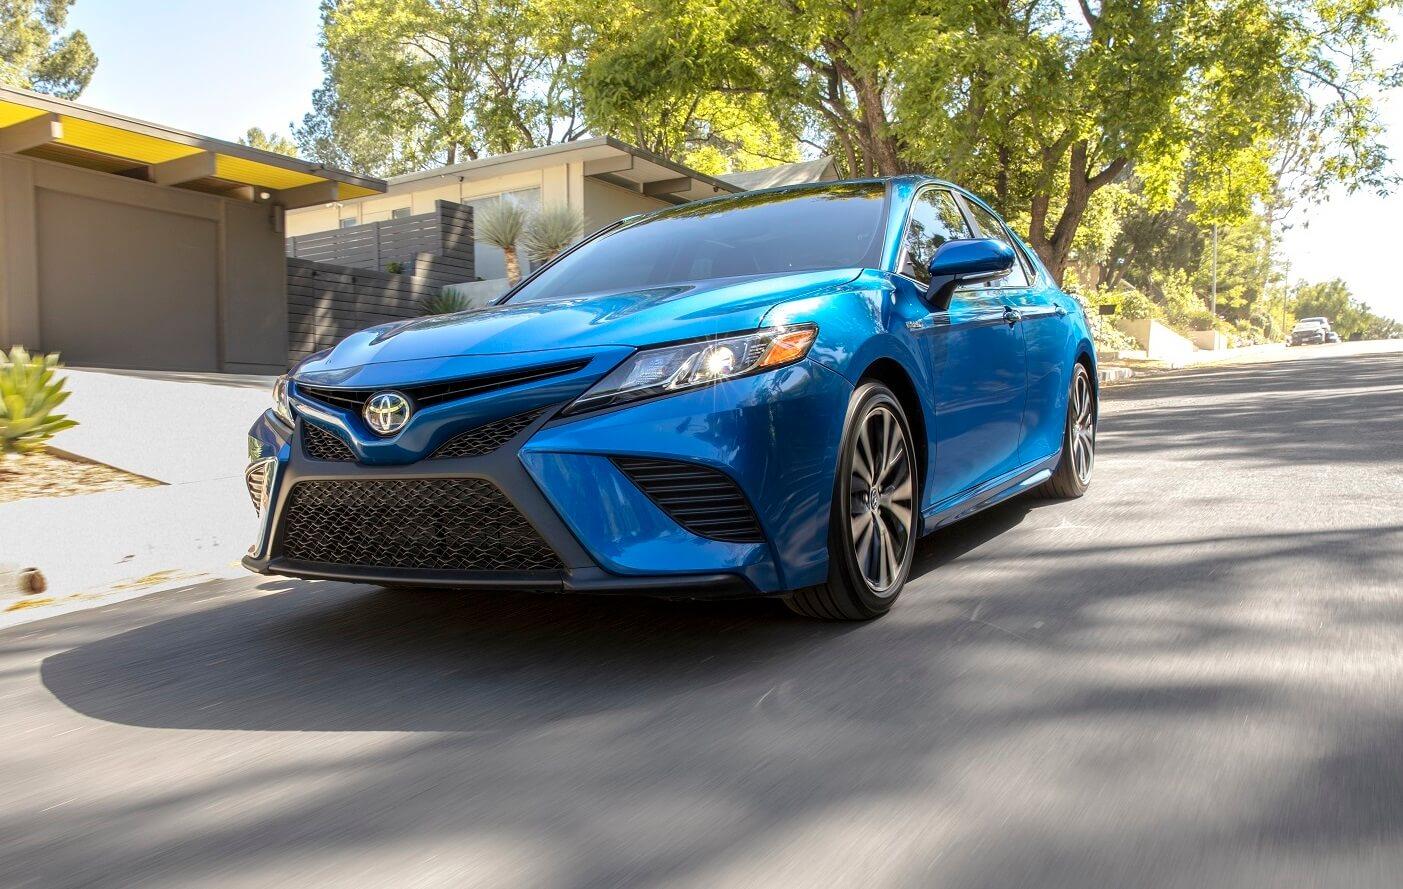 Toyota Camry Hybrid MPG